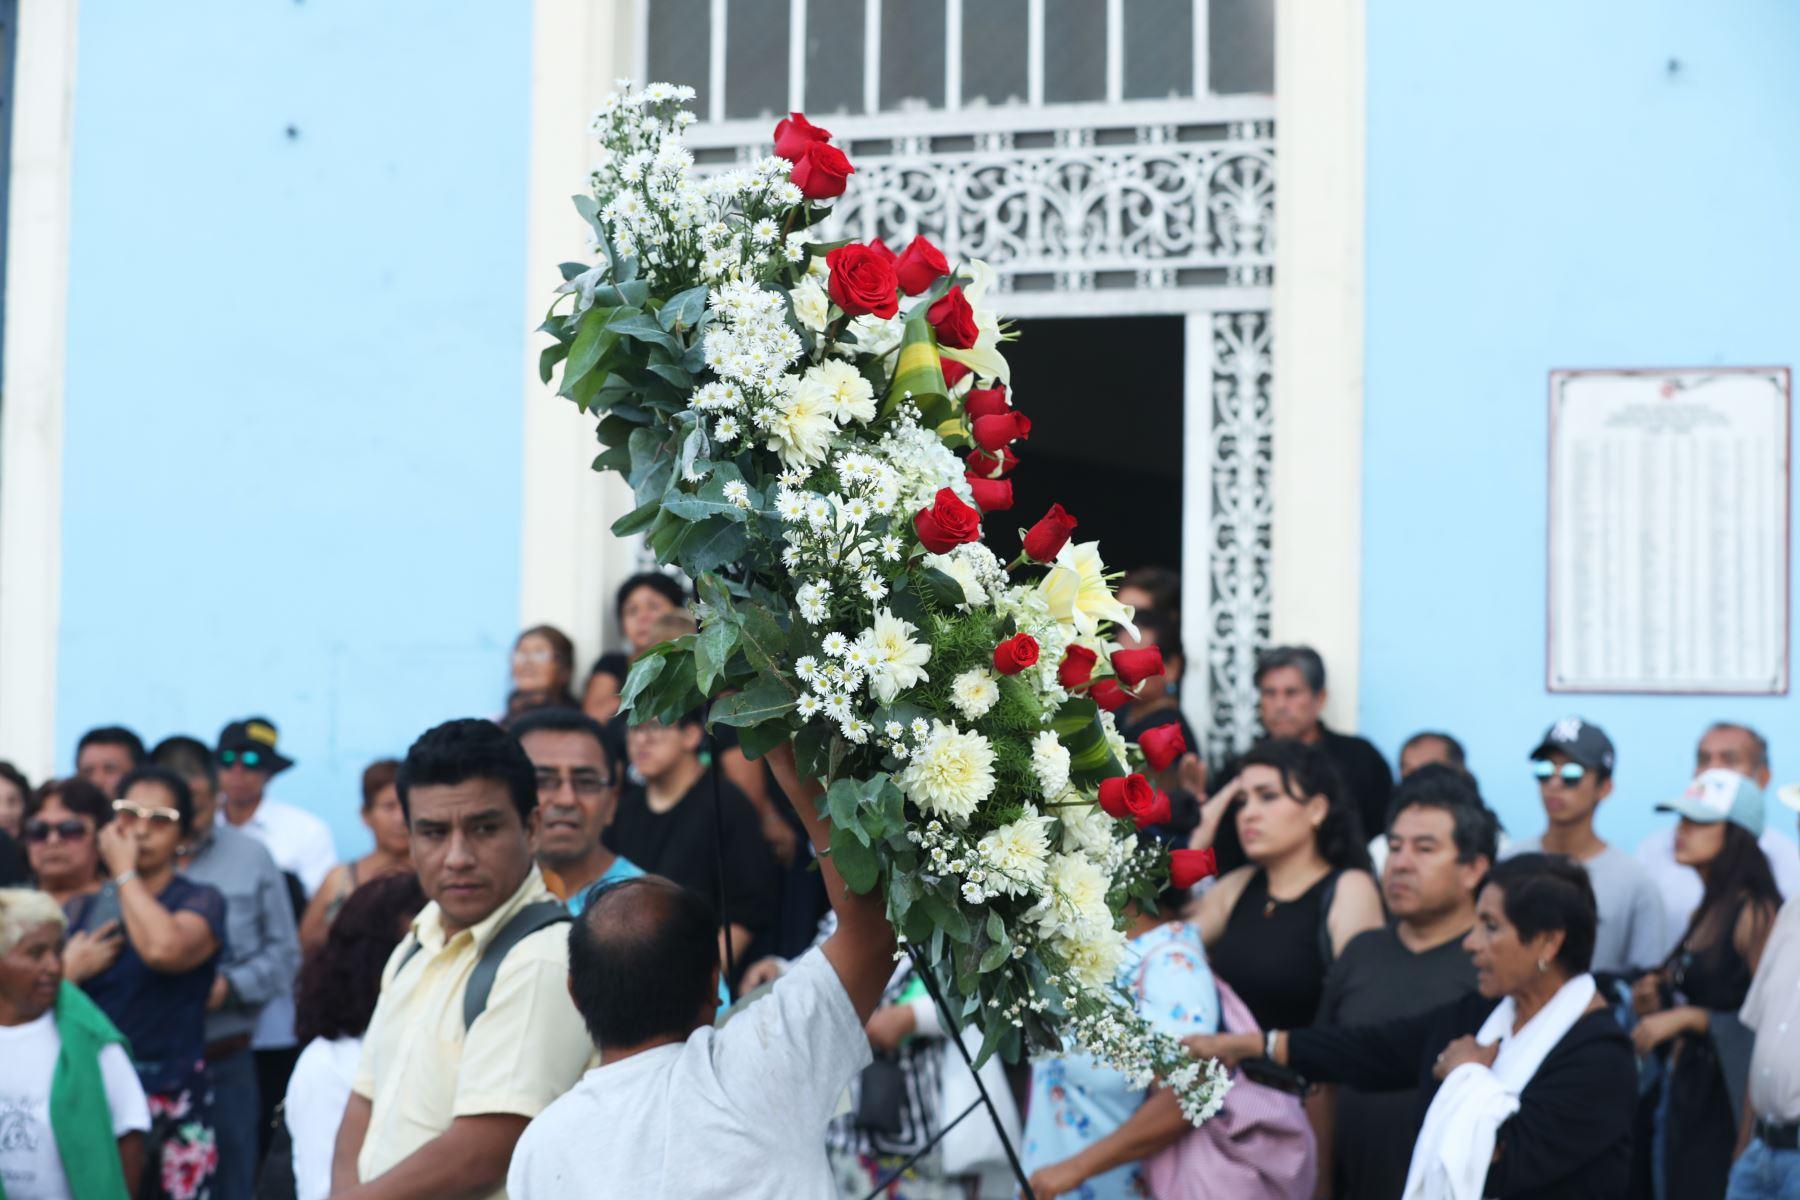 Partidarios del partido Aprista rinden homenaje a su lider Alan Garcia, quien hoy se quito la vida. Foto: ANDINA/Melina Mejía